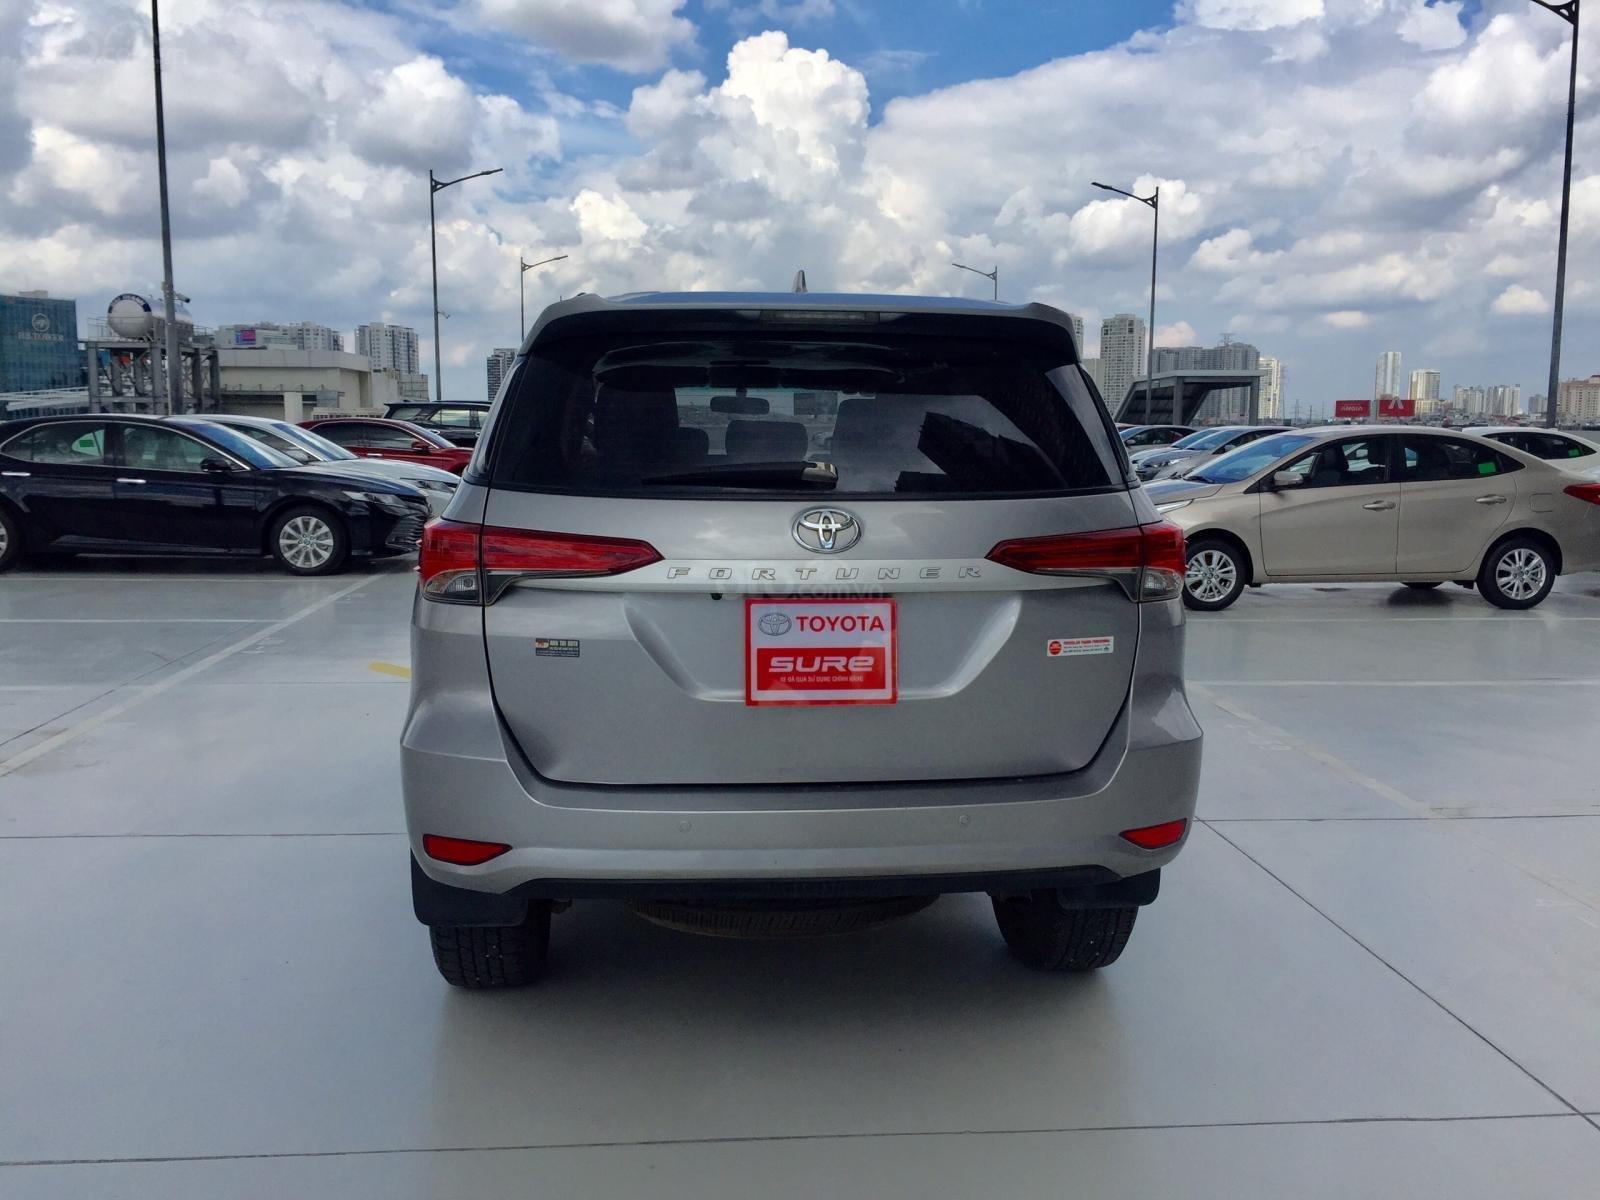 Thanh lý xe Toyota Fortuner 2.4G MT 2017, màu bạc xe đi được 79.000km - Xe chất giá tốt (7)